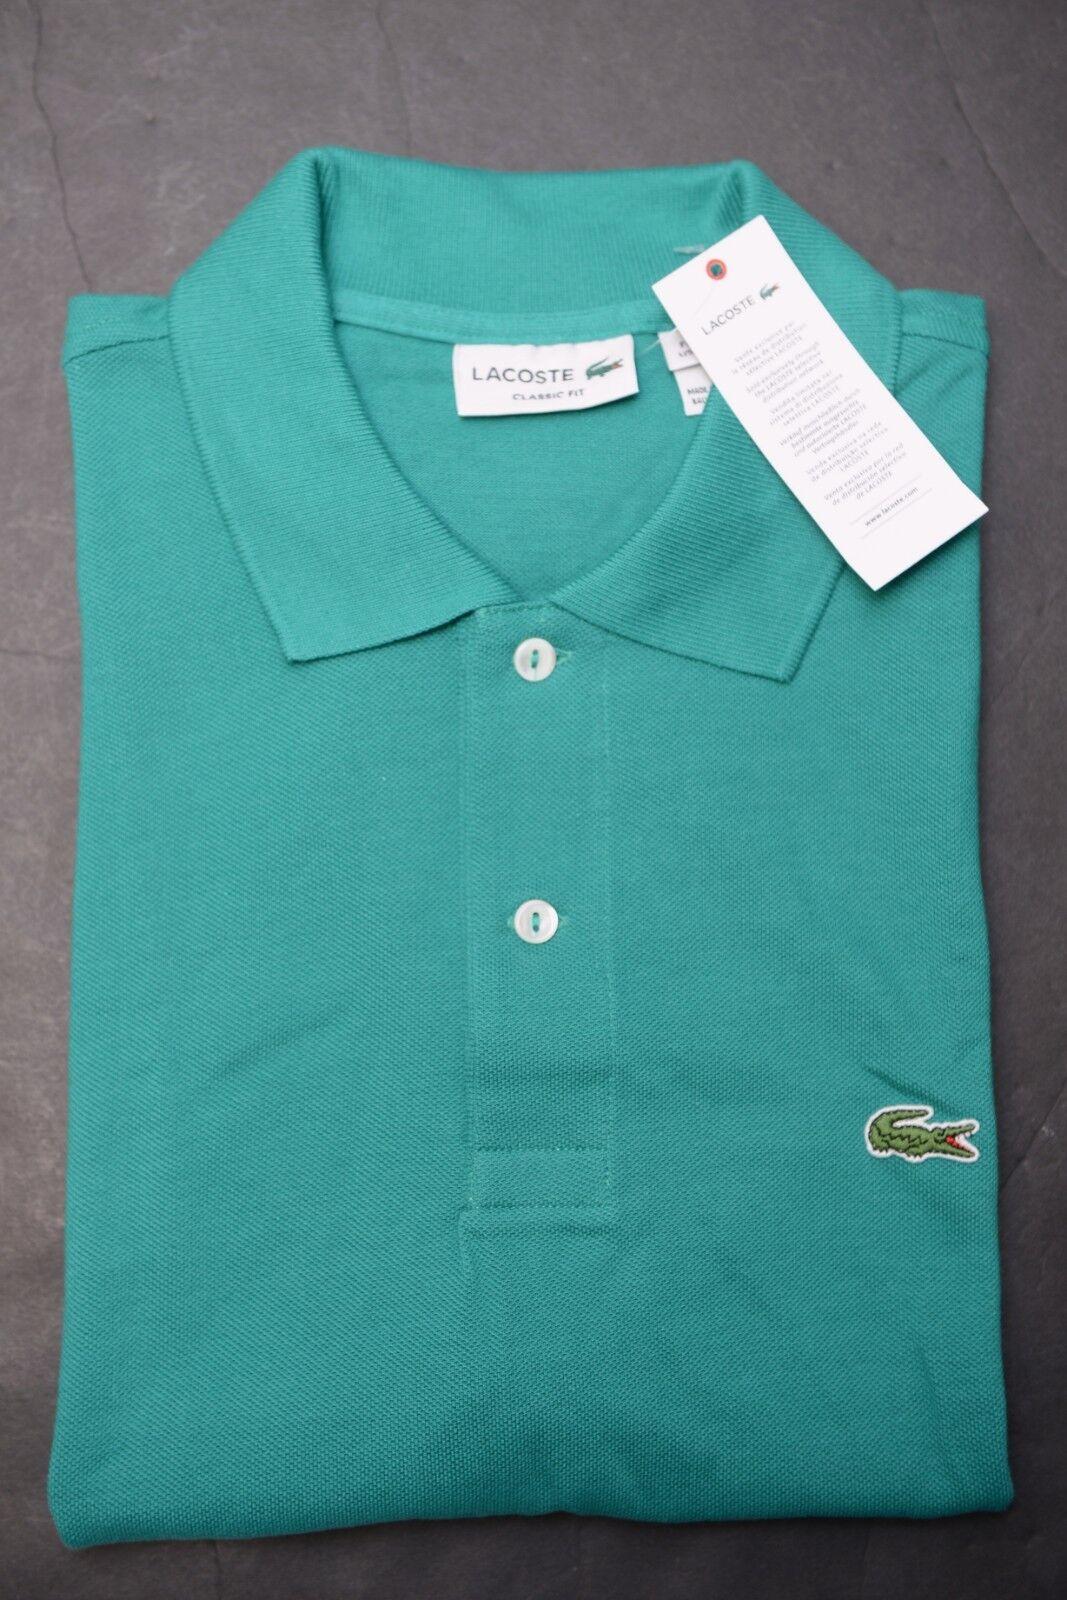 Lacoste L1212 Uomo Piqué Taglio Classico Smeraldo Smeraldo Smeraldo Maglietta Polo di Cotone 3XL b98aea